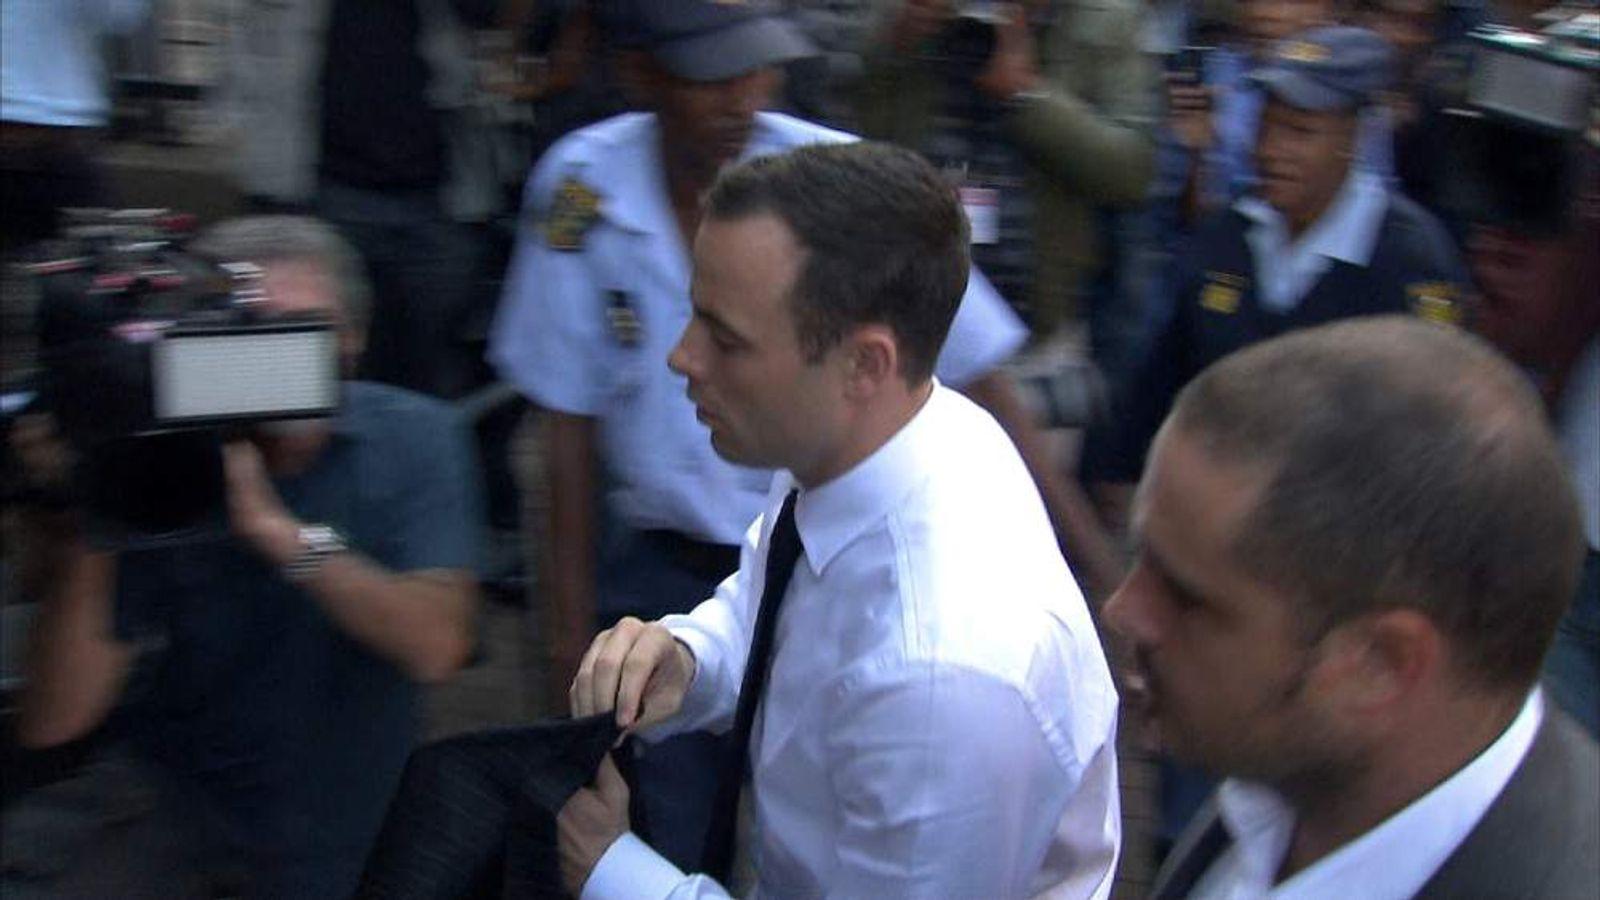 Pistorius court arrival